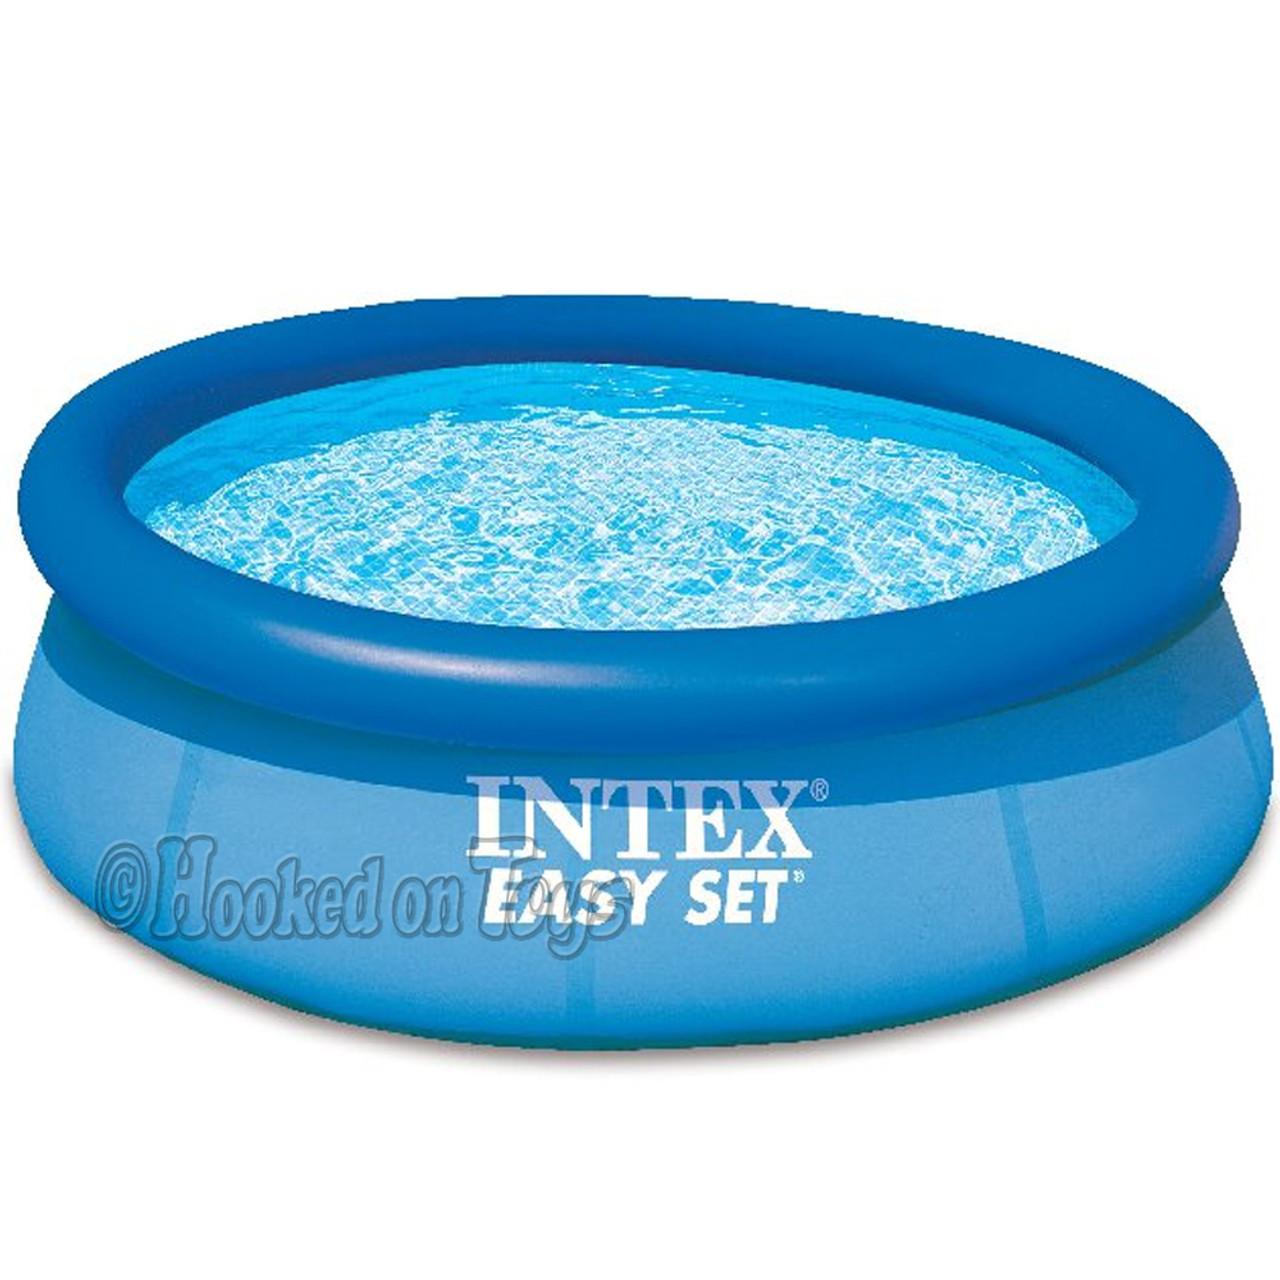 Intex 8ftx30in Easy Set Pool